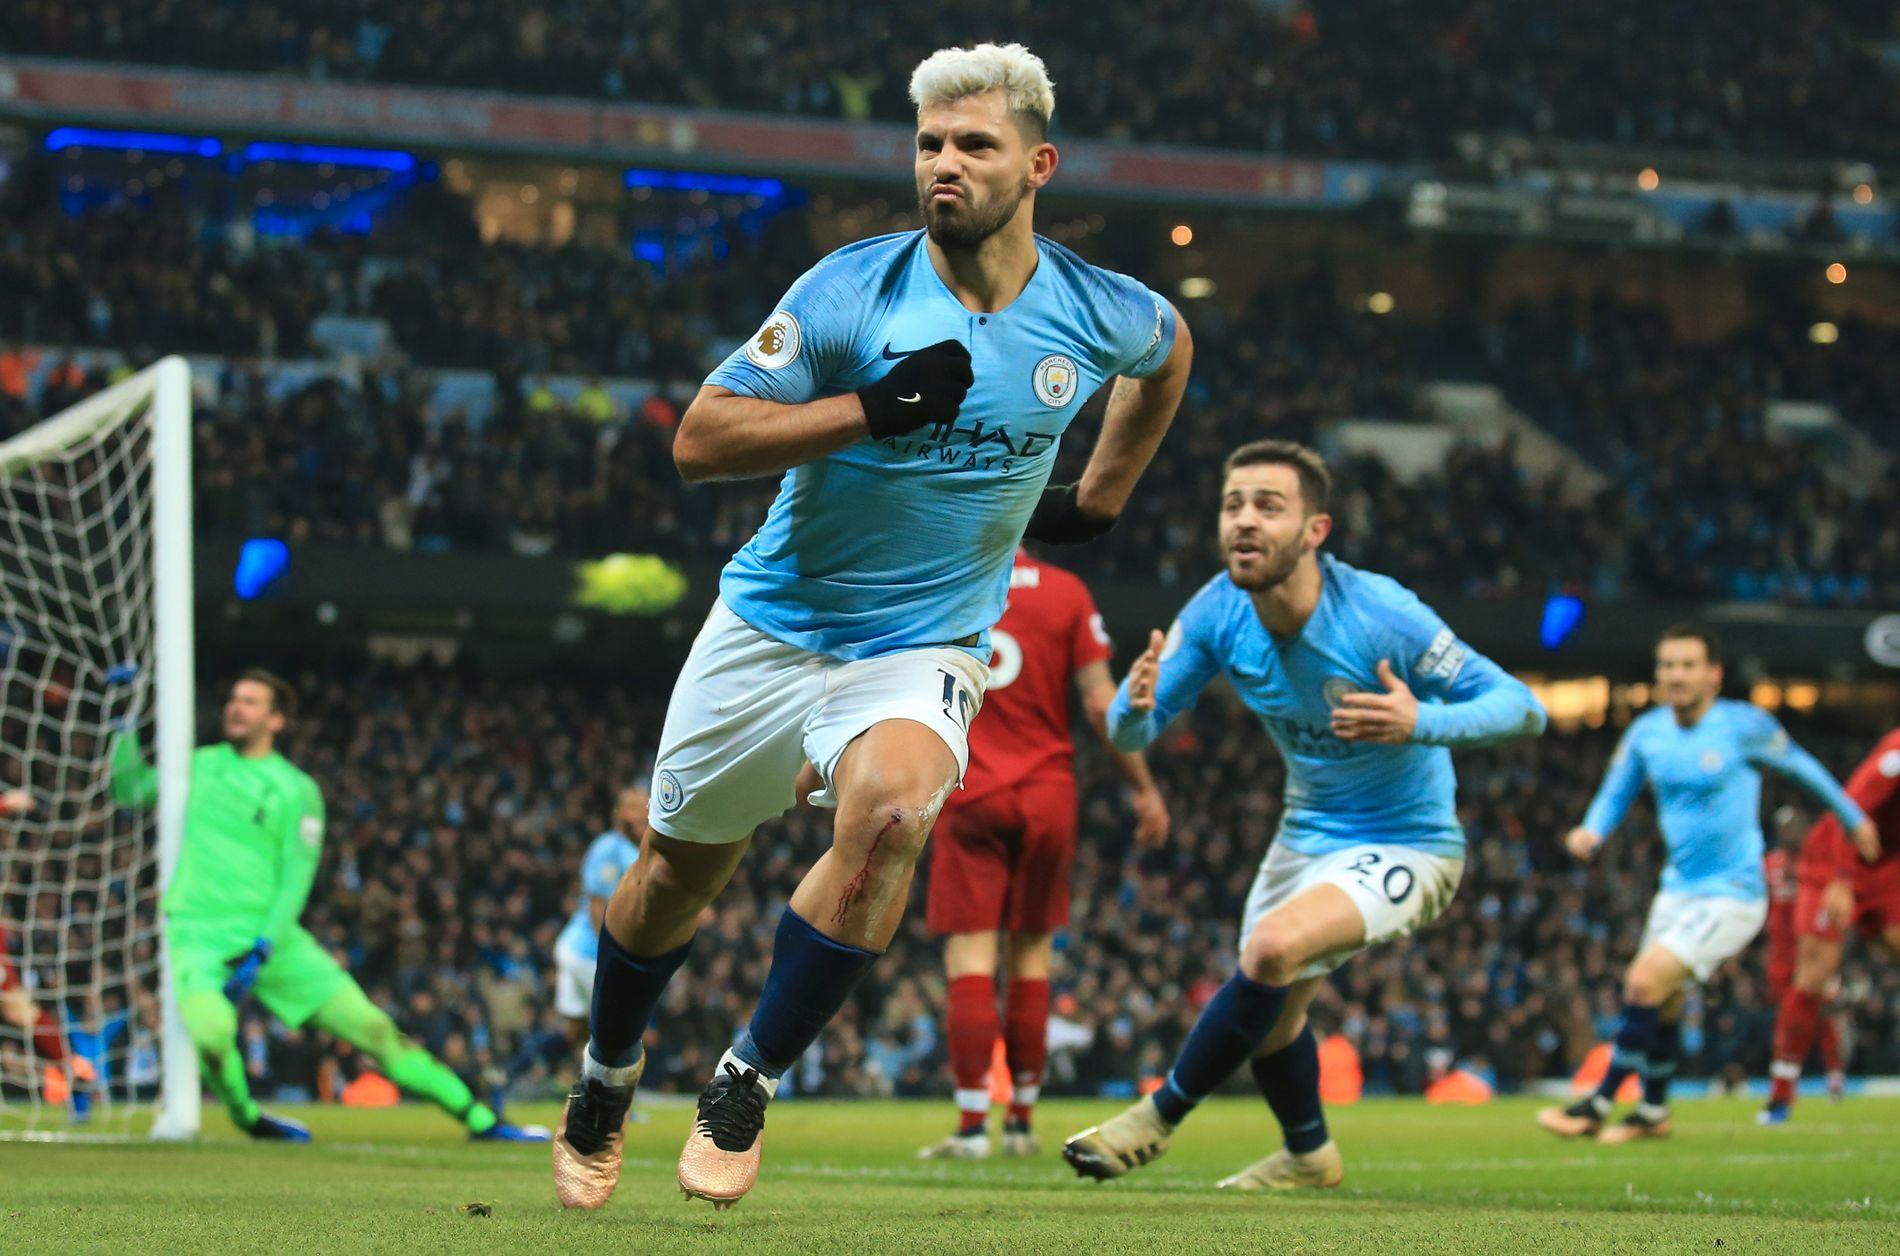 JACKPOT: Sergio Agüero scoret i syvende kamp på rad mot Liverpool på hjemmebane.